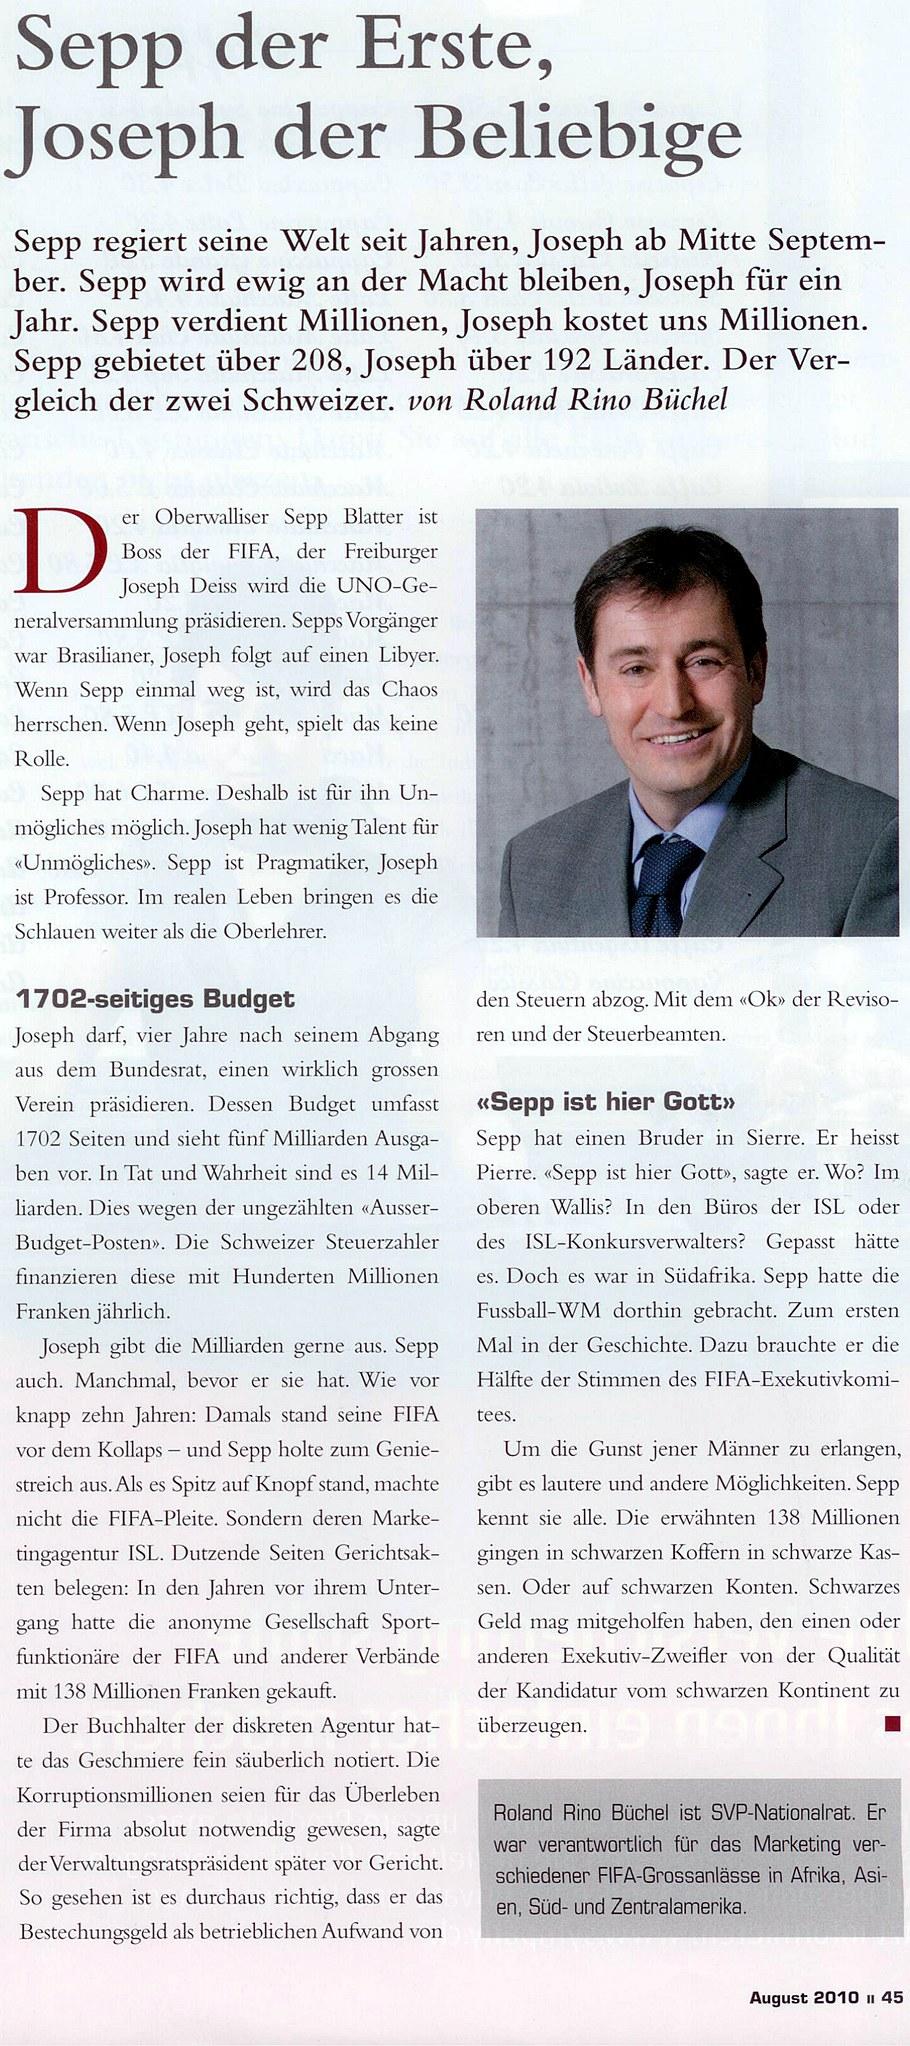 Unternehmermagazin LEADER: Sepp der Erste, Joseph der Beliebige